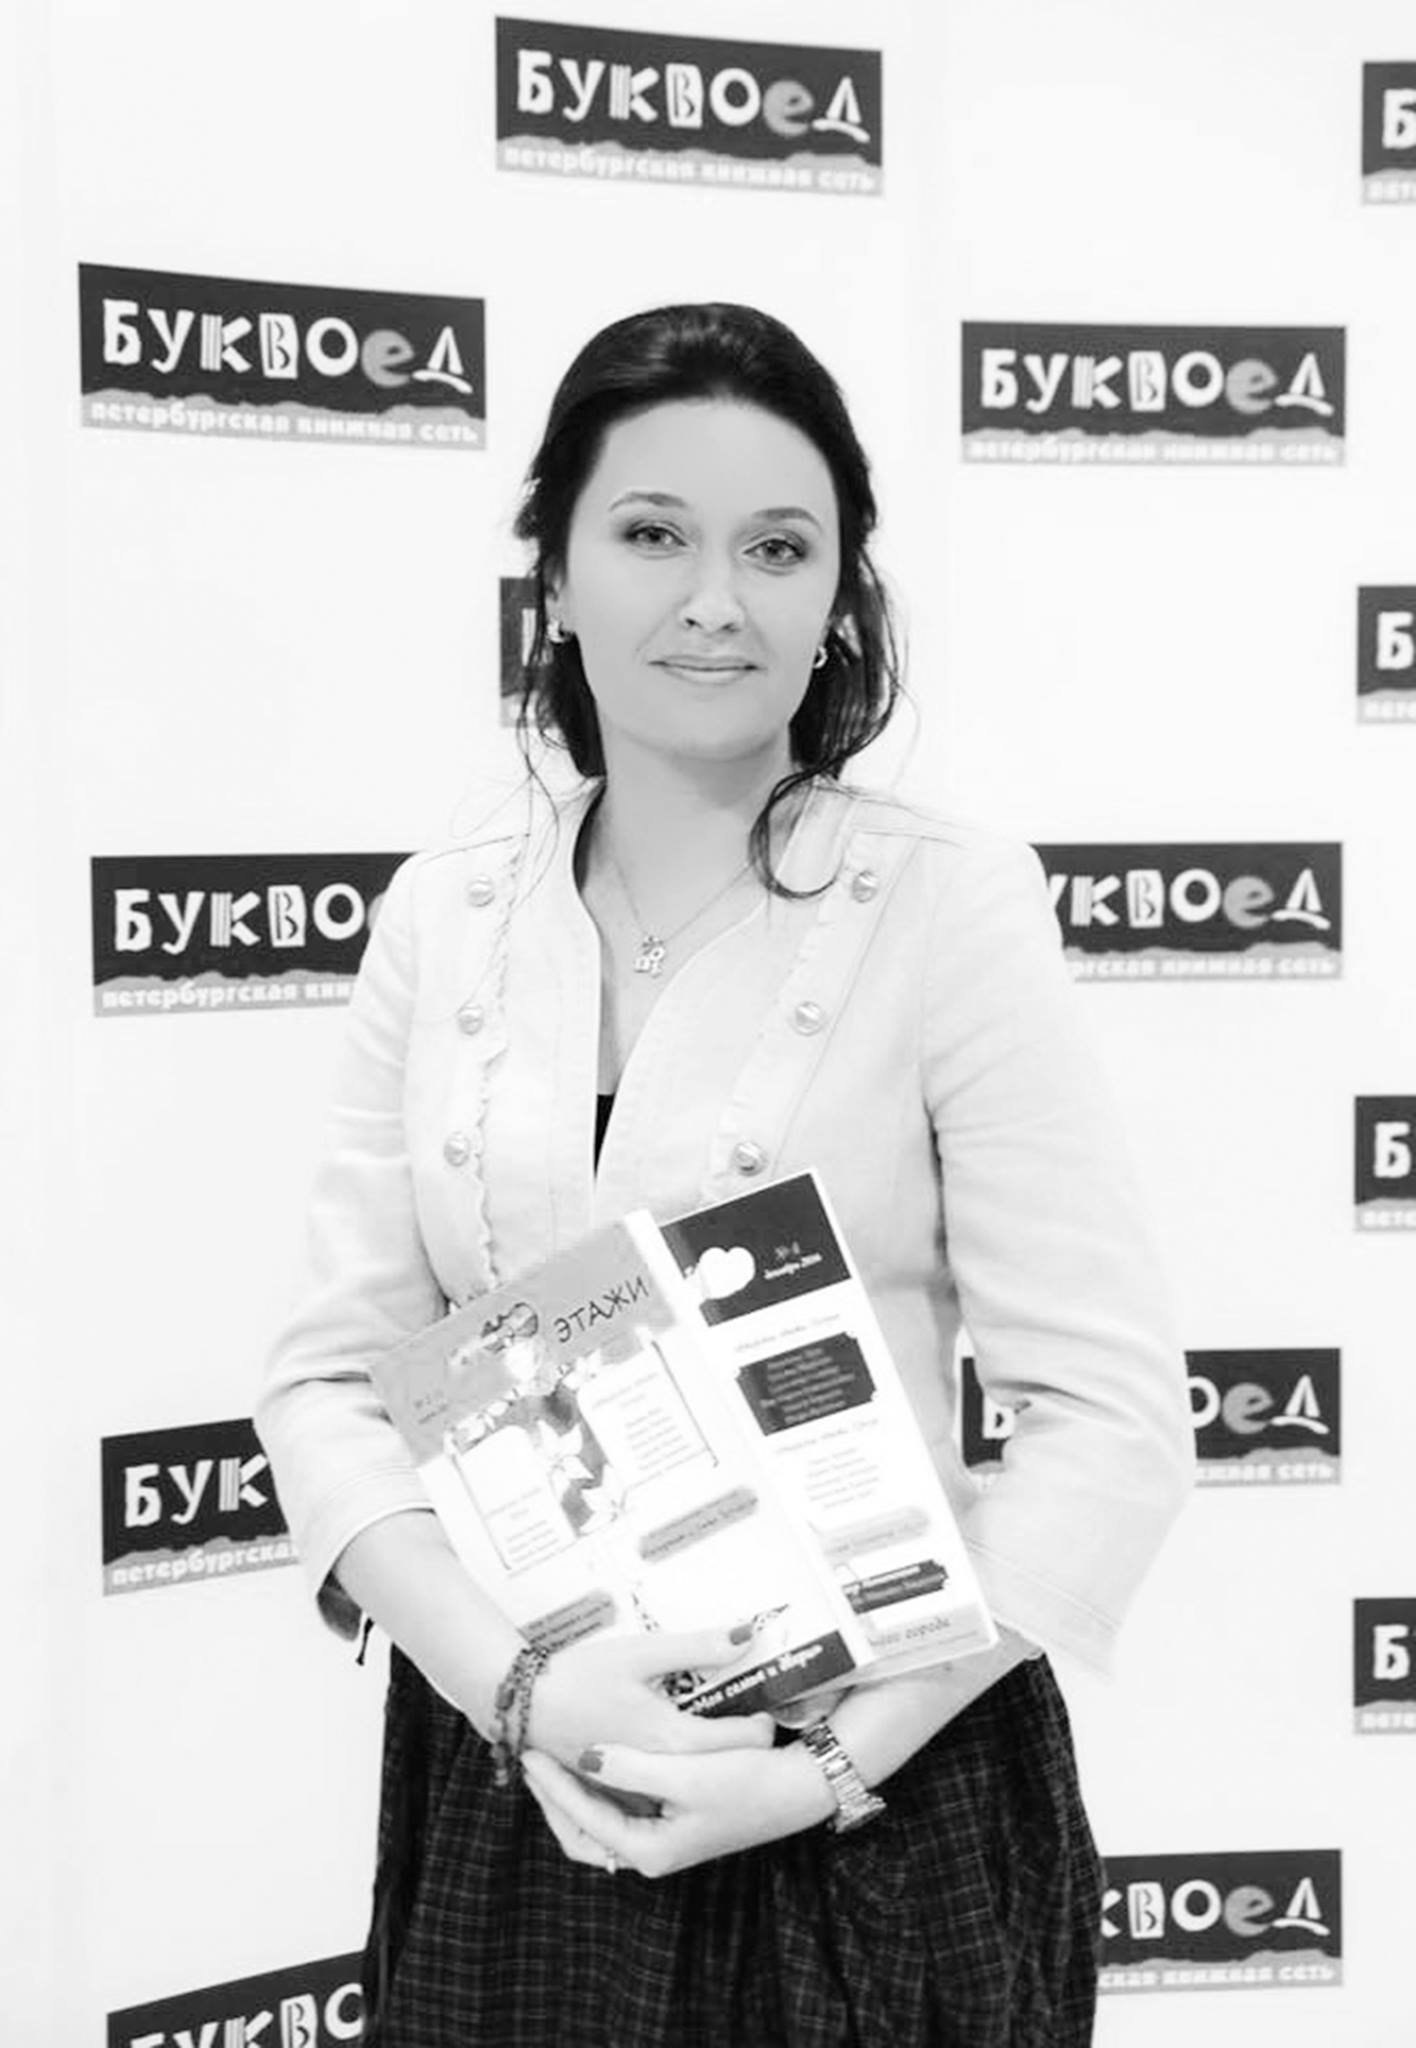 Ирина Терра — главный редктор журнала ЭТАЖИ на презентации журнала в Санкт-Петербурге в магазине БУКВОЕД. Фото Галины Кожемяченко